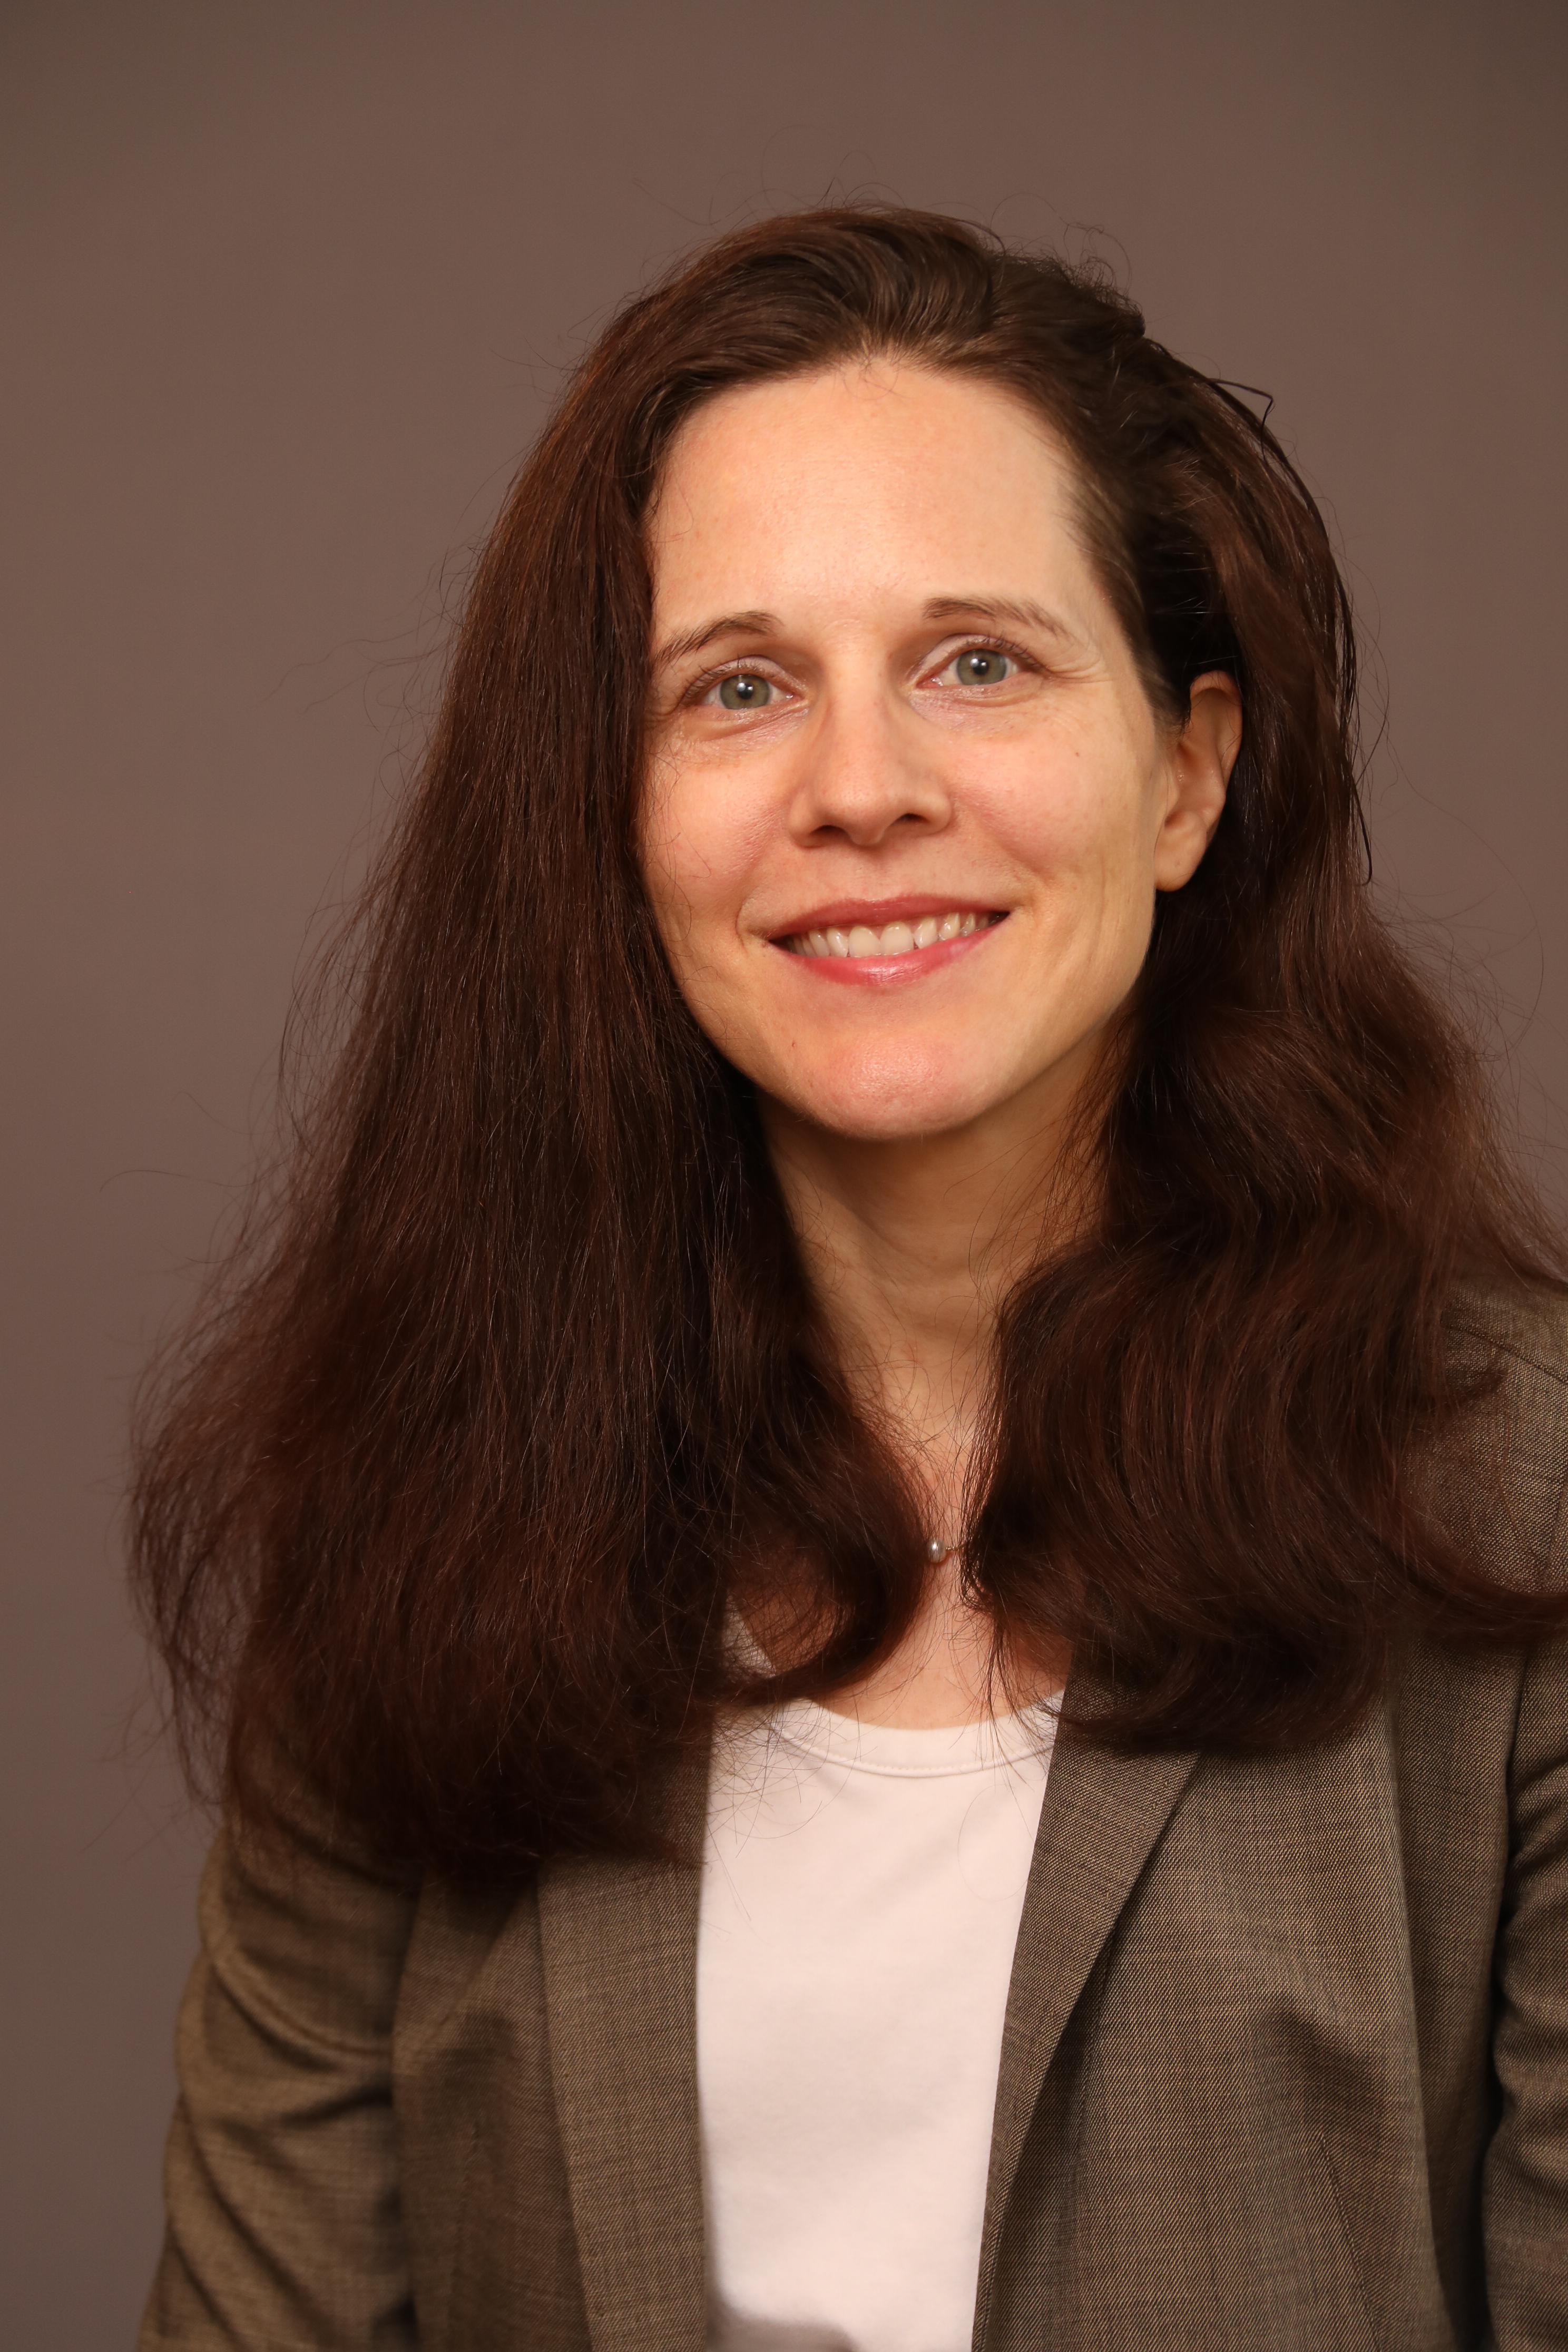 Maren Westphal